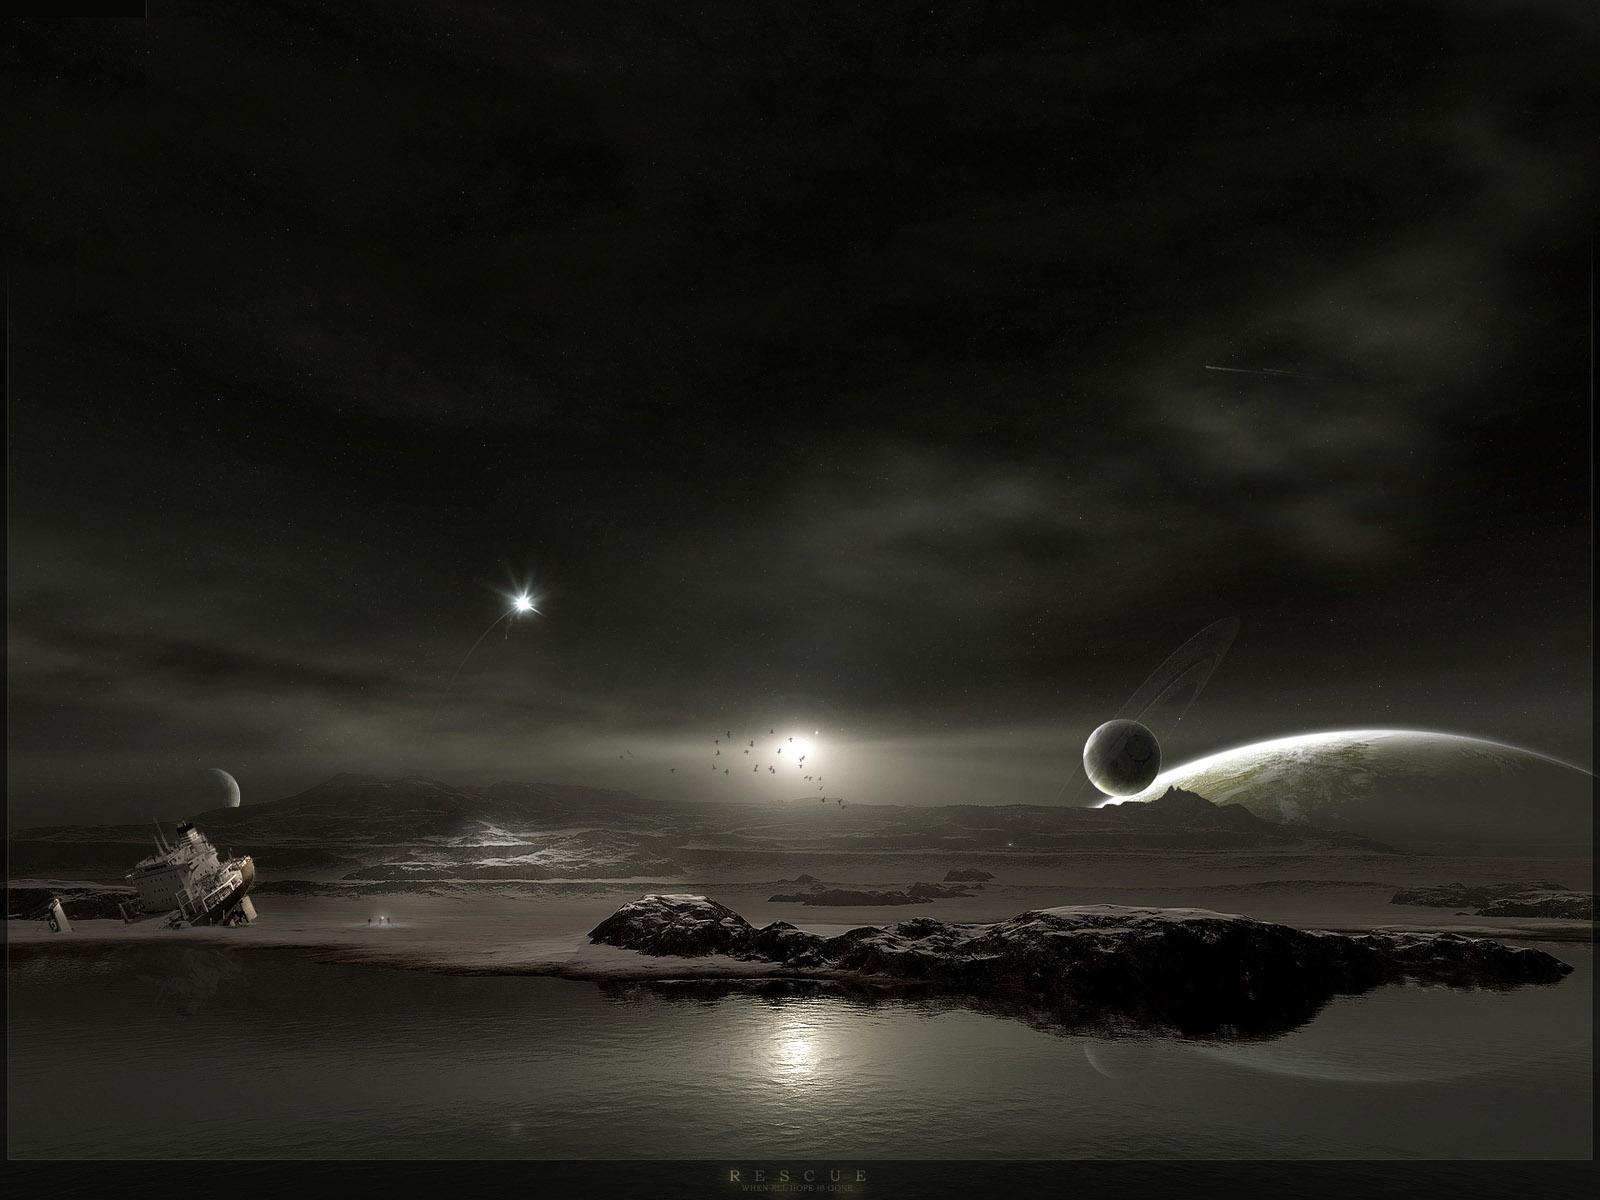 dark space wallpaper, скачать фото, темные обои, космос